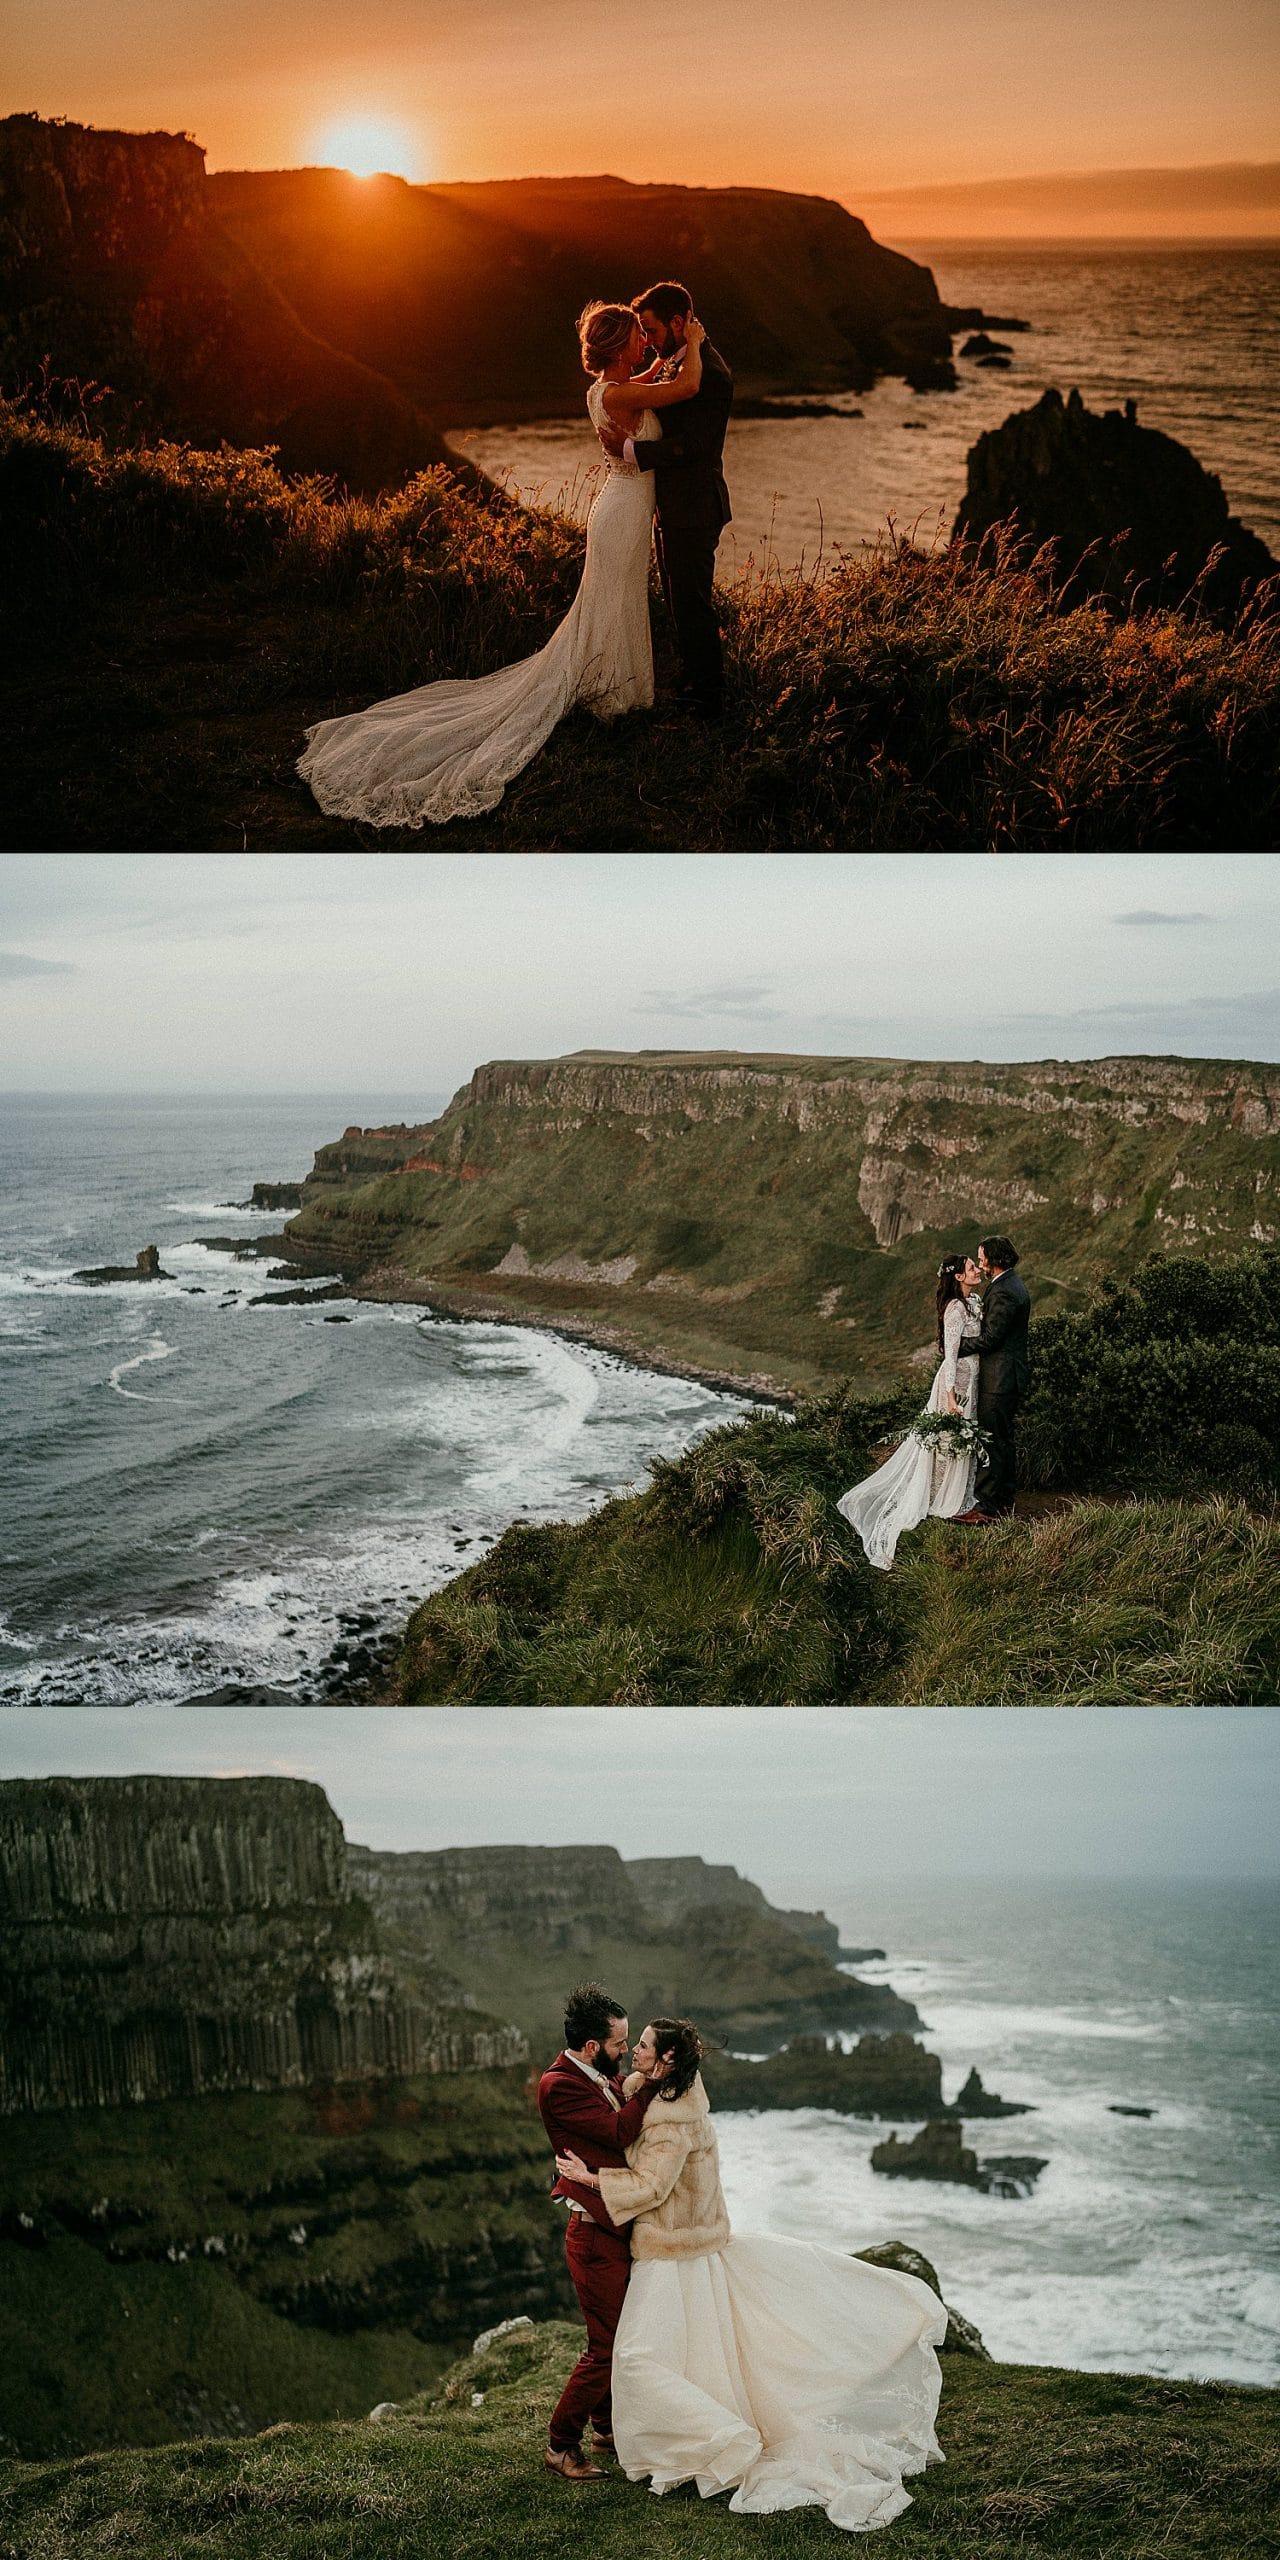 Elope in Ireland, Irish elopements, Giants Causeway Elopements, Northern ireland elopement, adventure elopements in europe